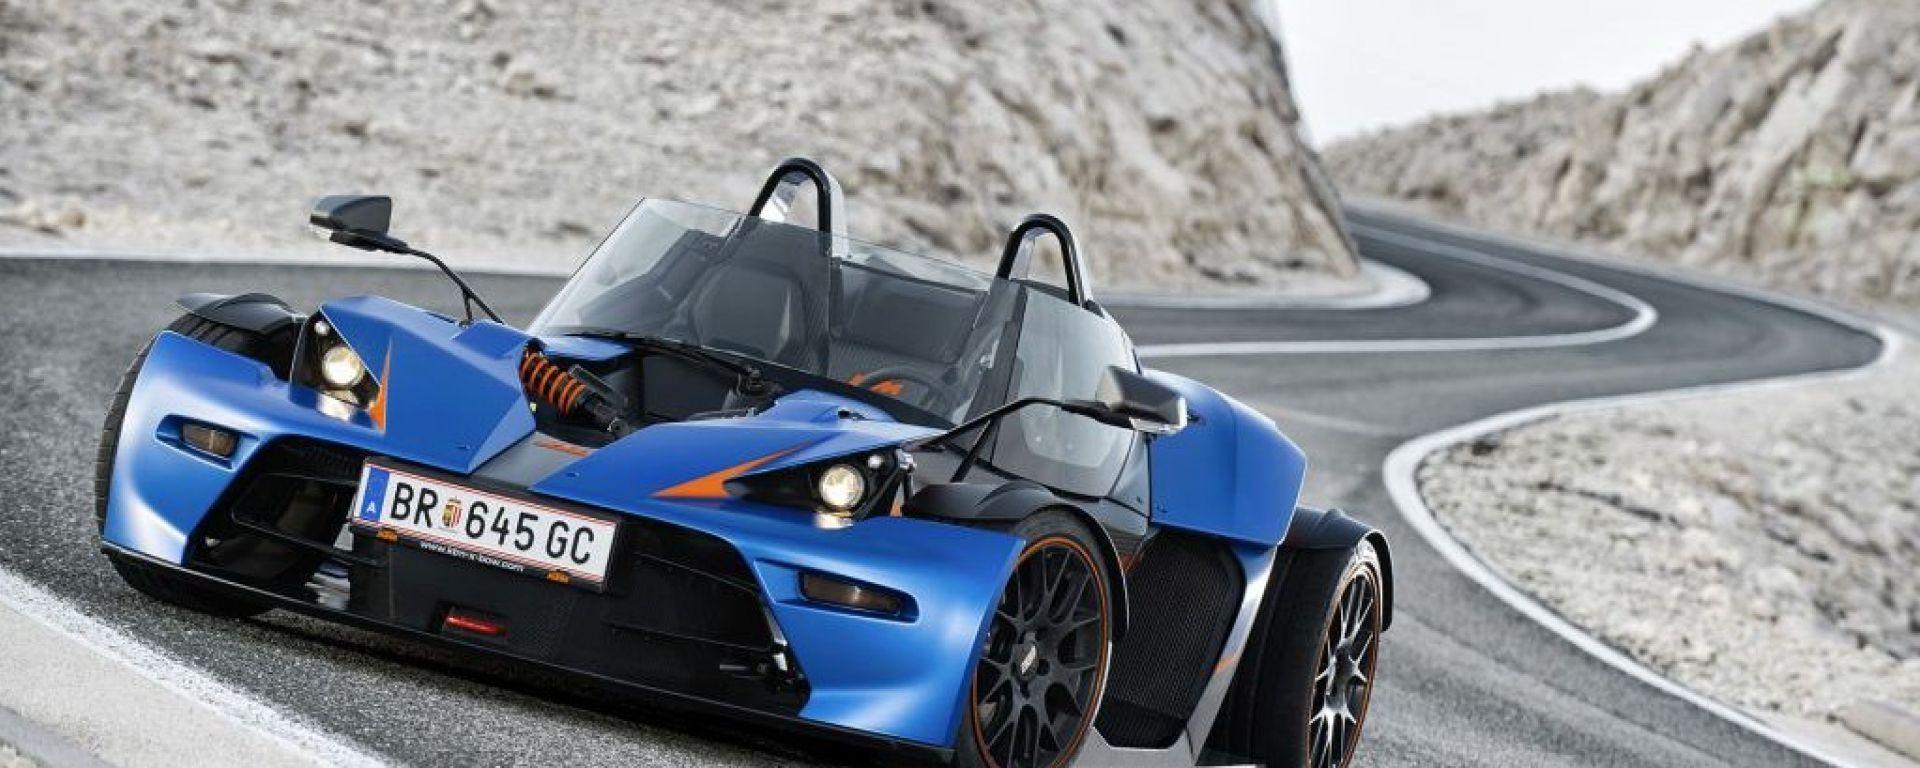 KTM X-Bow GT 2013